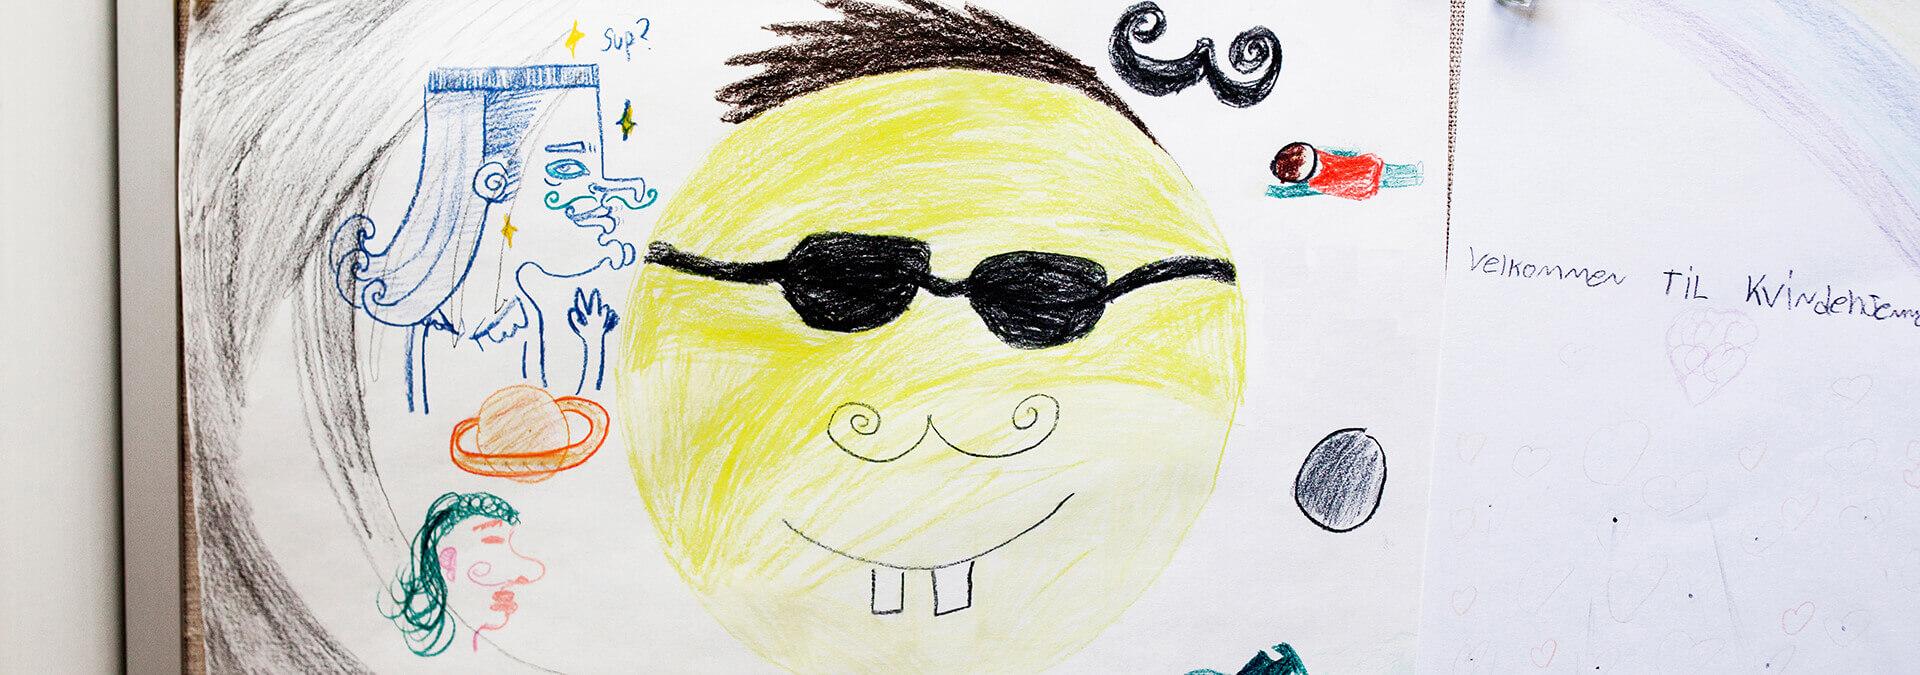 En tegning af en smiley med solbriller på